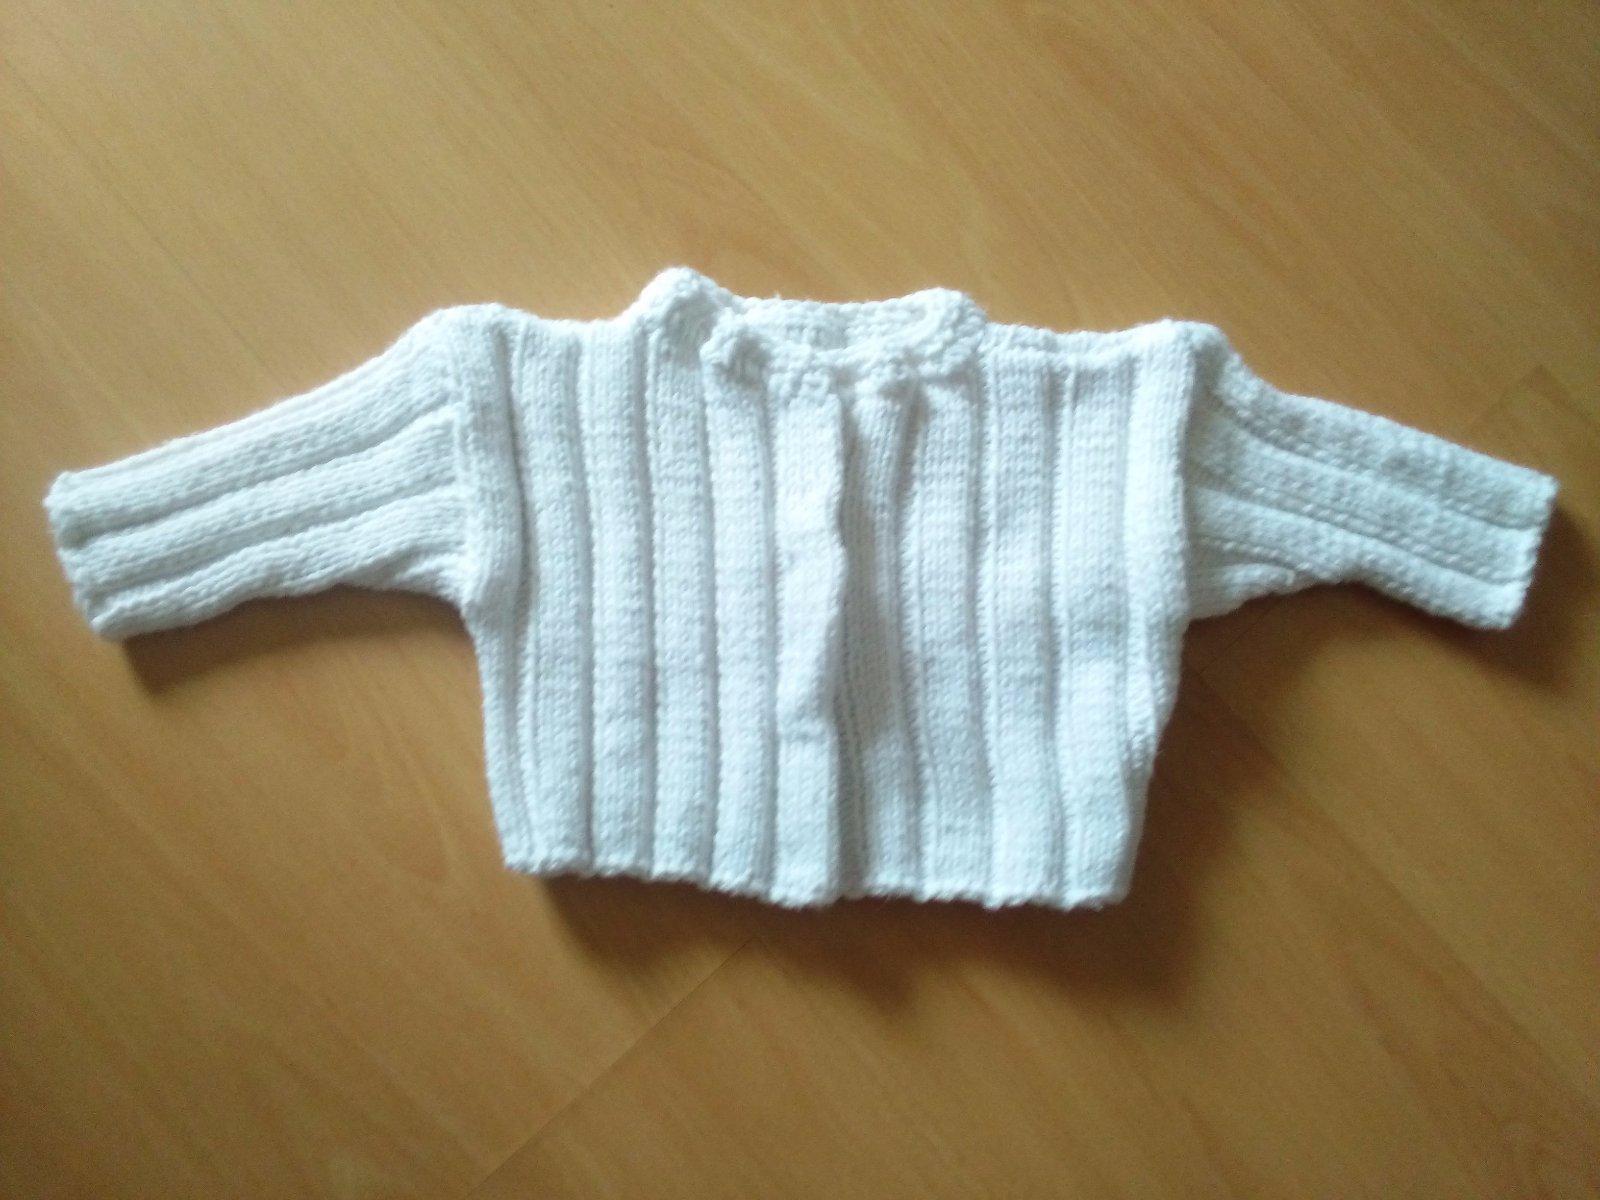 11c1bdd79e4c Ručně pletený svetr pro miminko